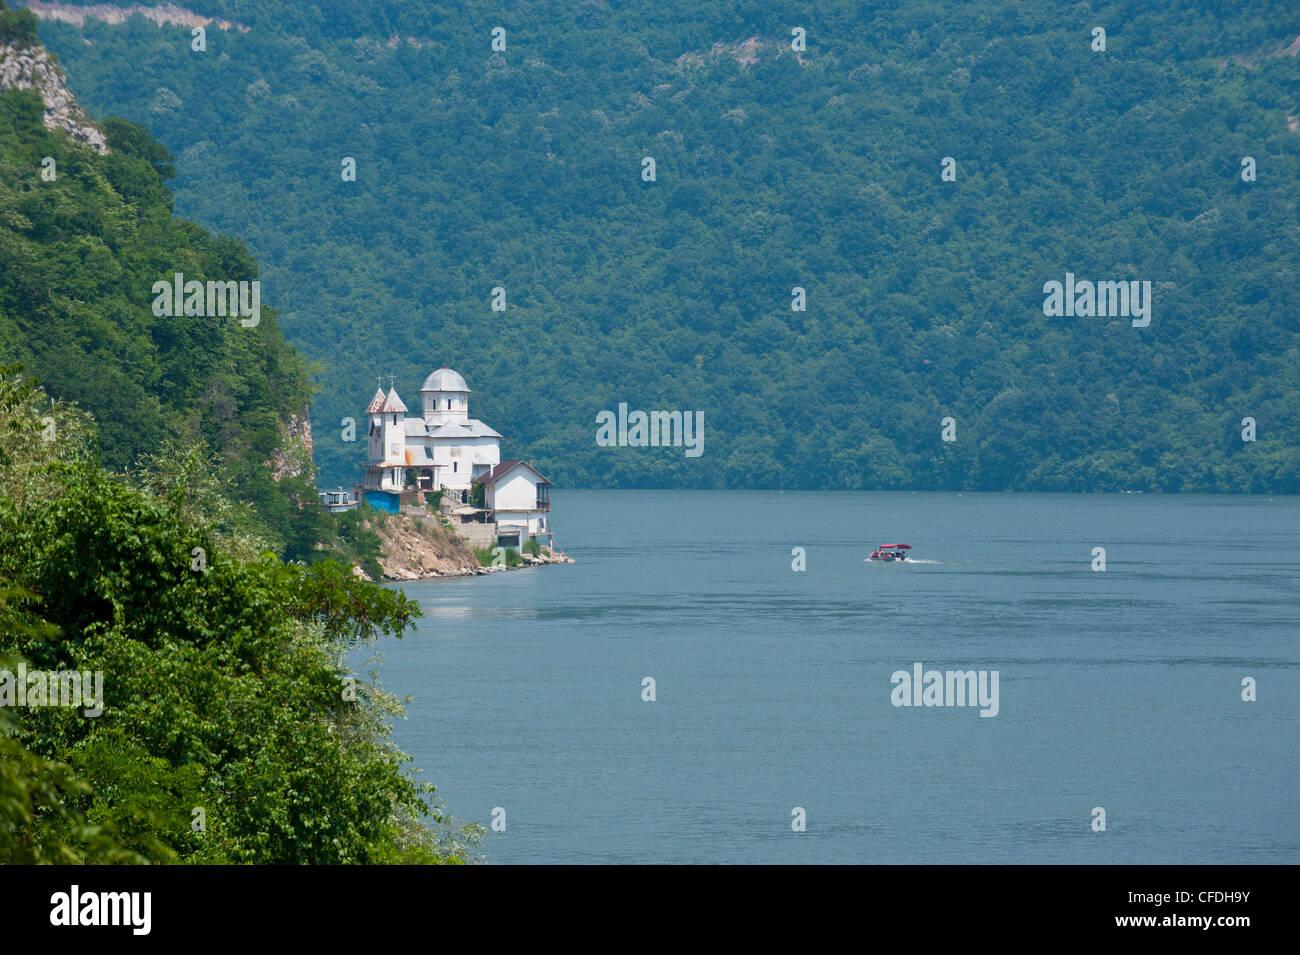 Portille de Fier (porte de fer), Danube, la vallée du Danube, en Roumanie, en Europe Banque D'Images